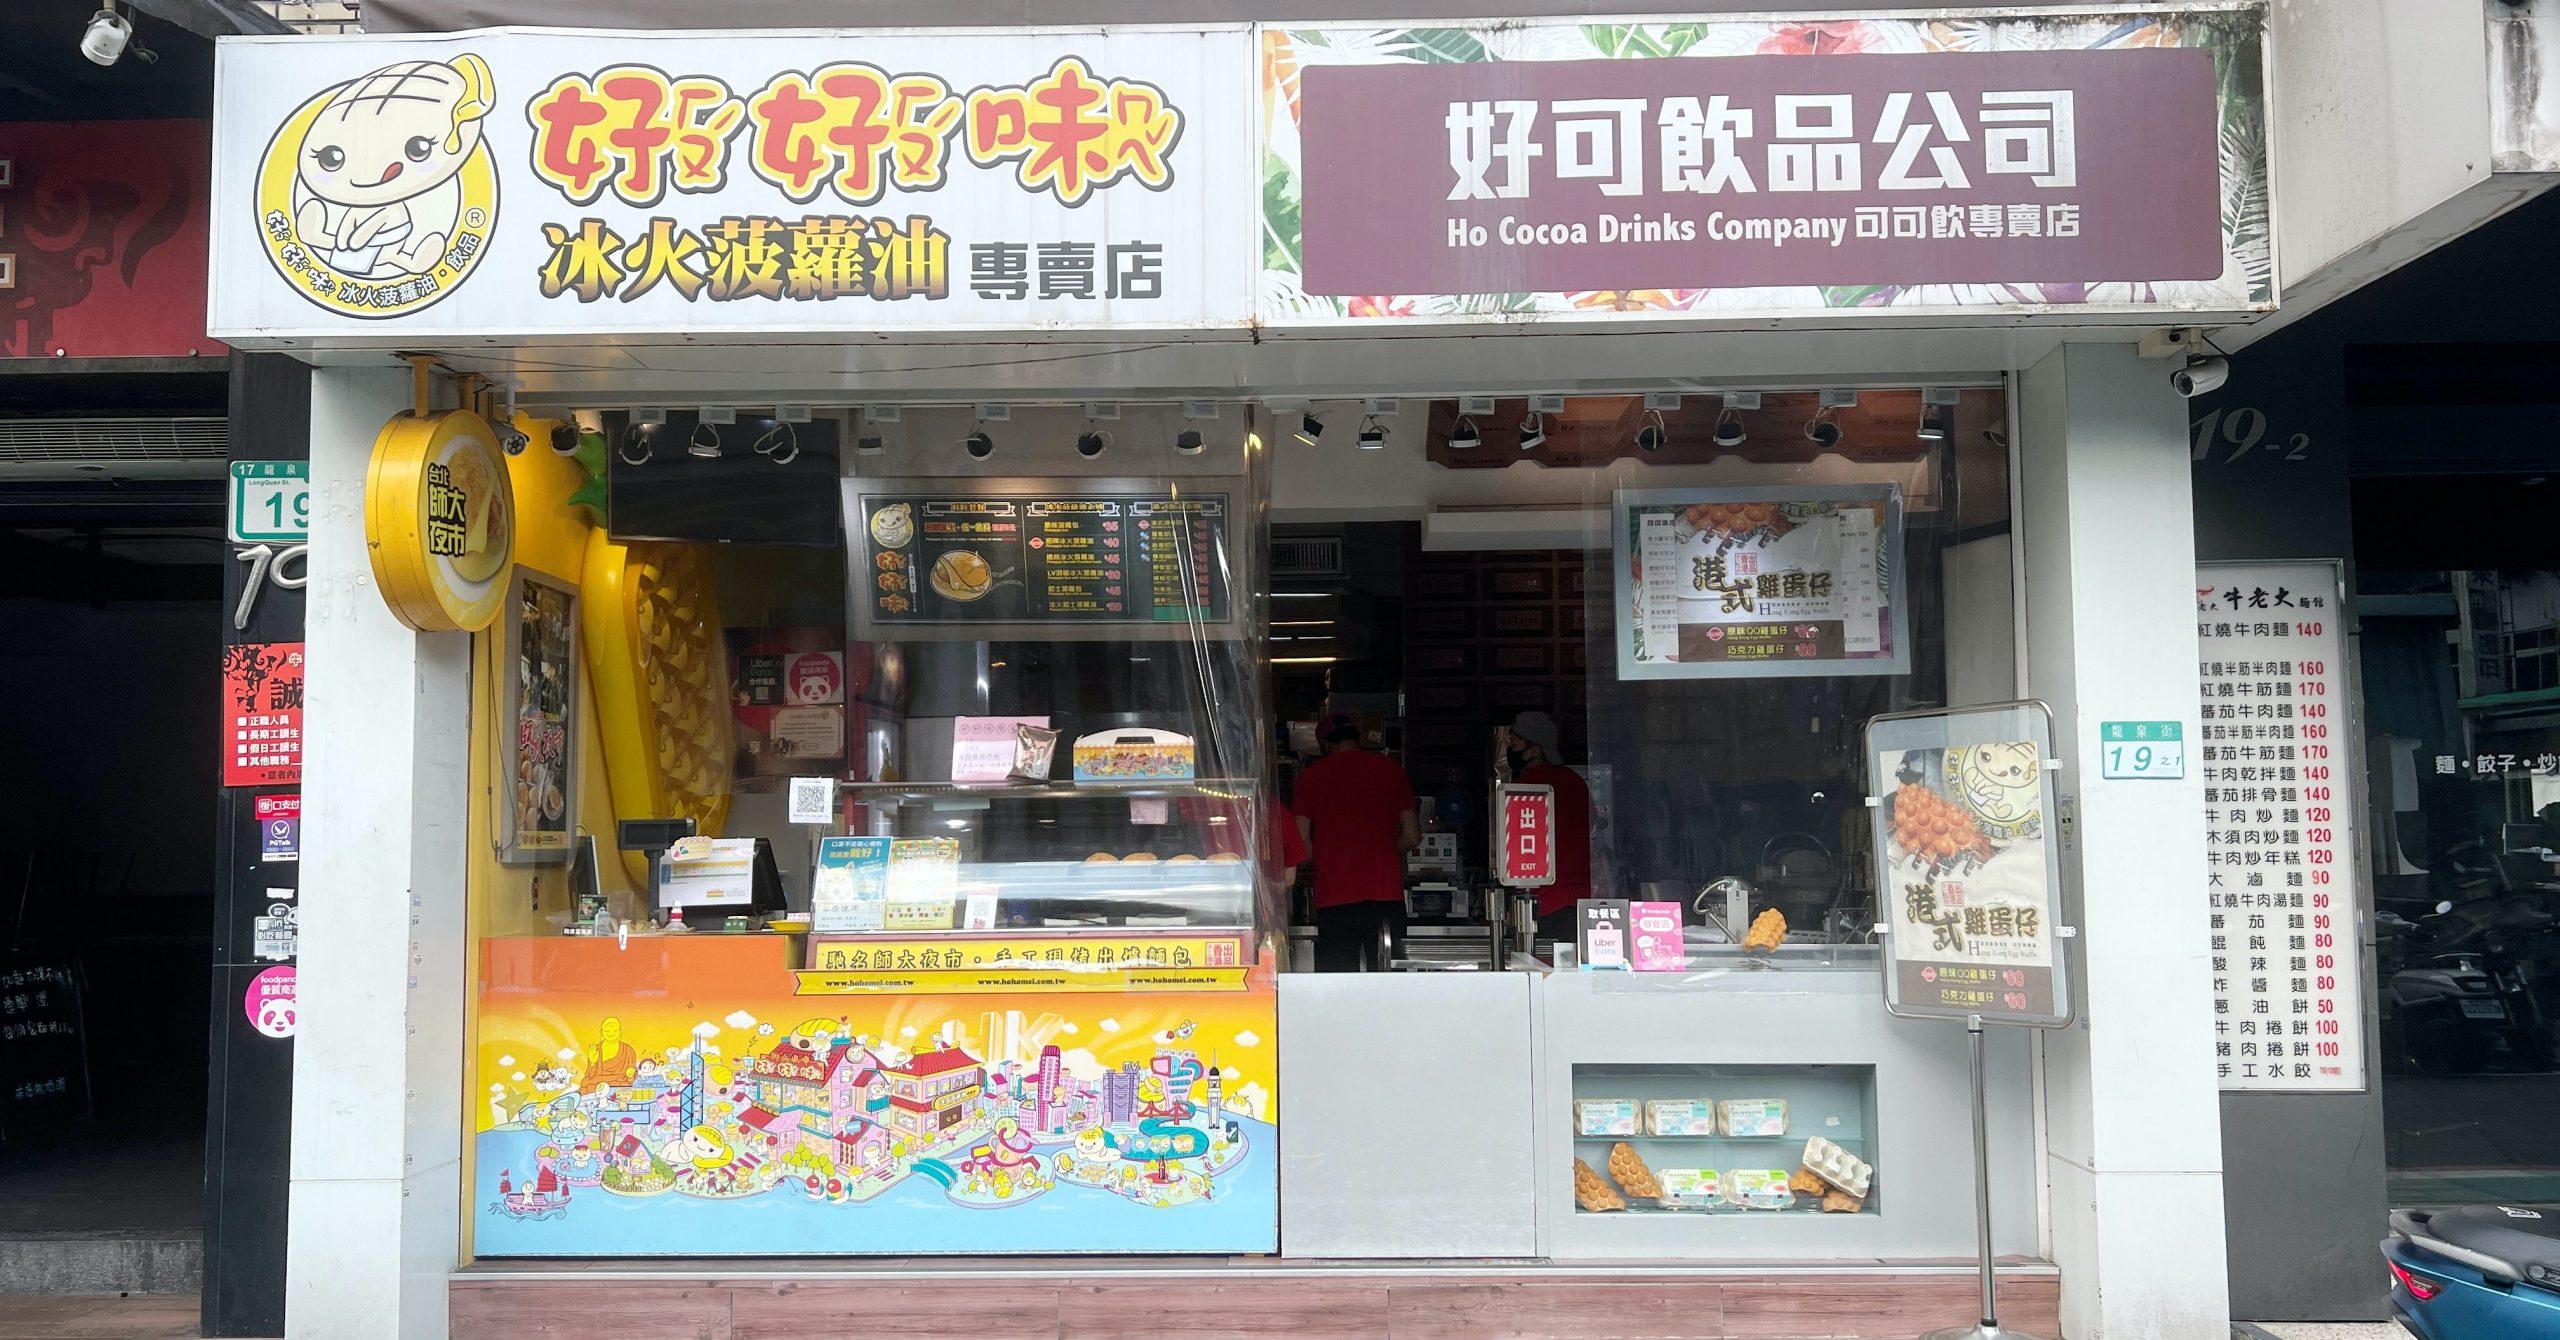 好好味冰火菠蘿油專賣店,好好味,好好味冰火菠蘿油,好好味師大,好好味菜單,師大美食懶人包 @Nash,神之領域